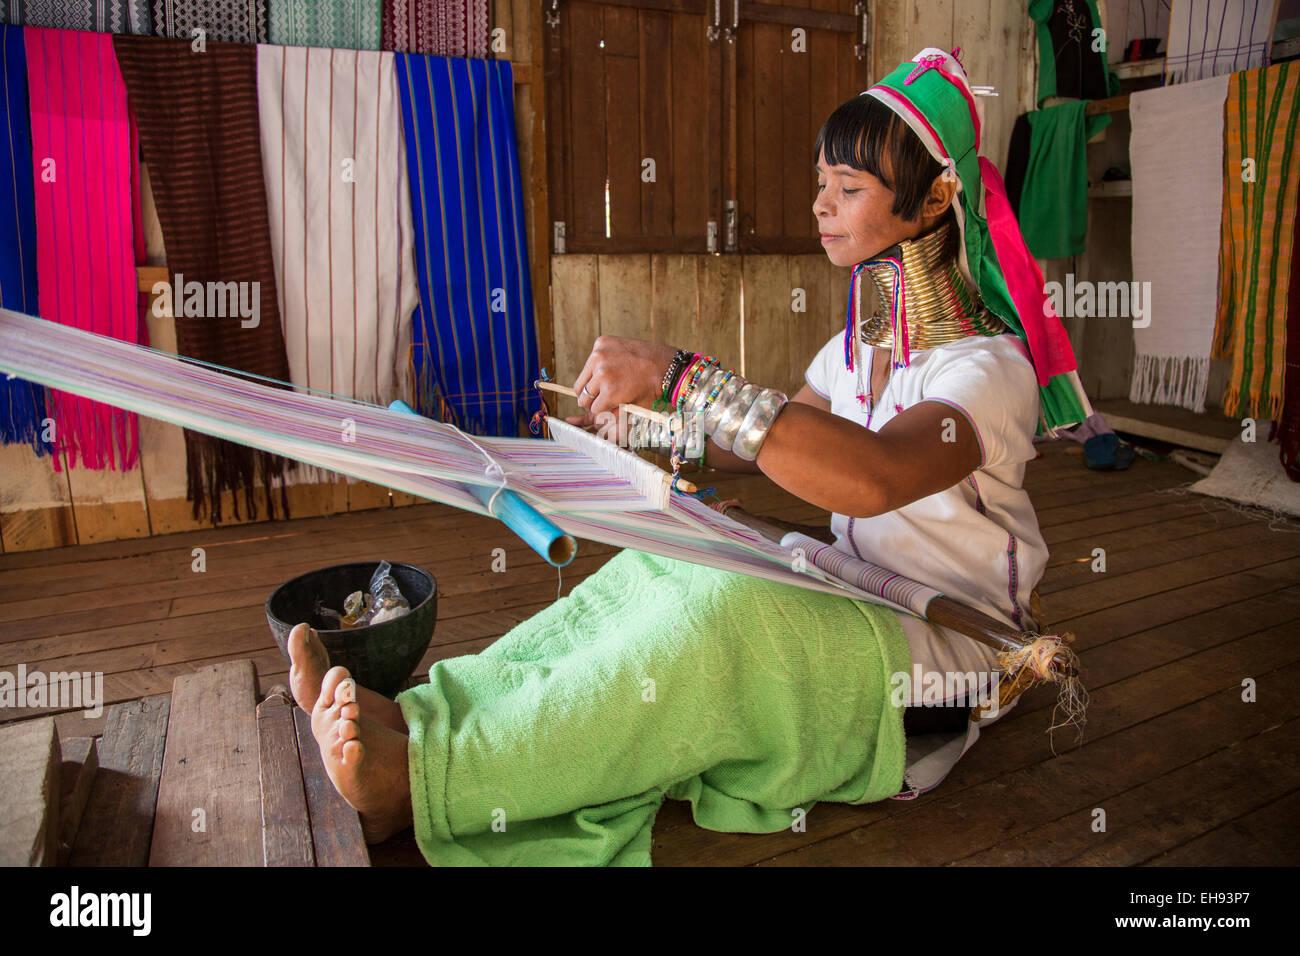 Padong long-neck woman weaving, Inle Lake village, Myanmar - Stock Image